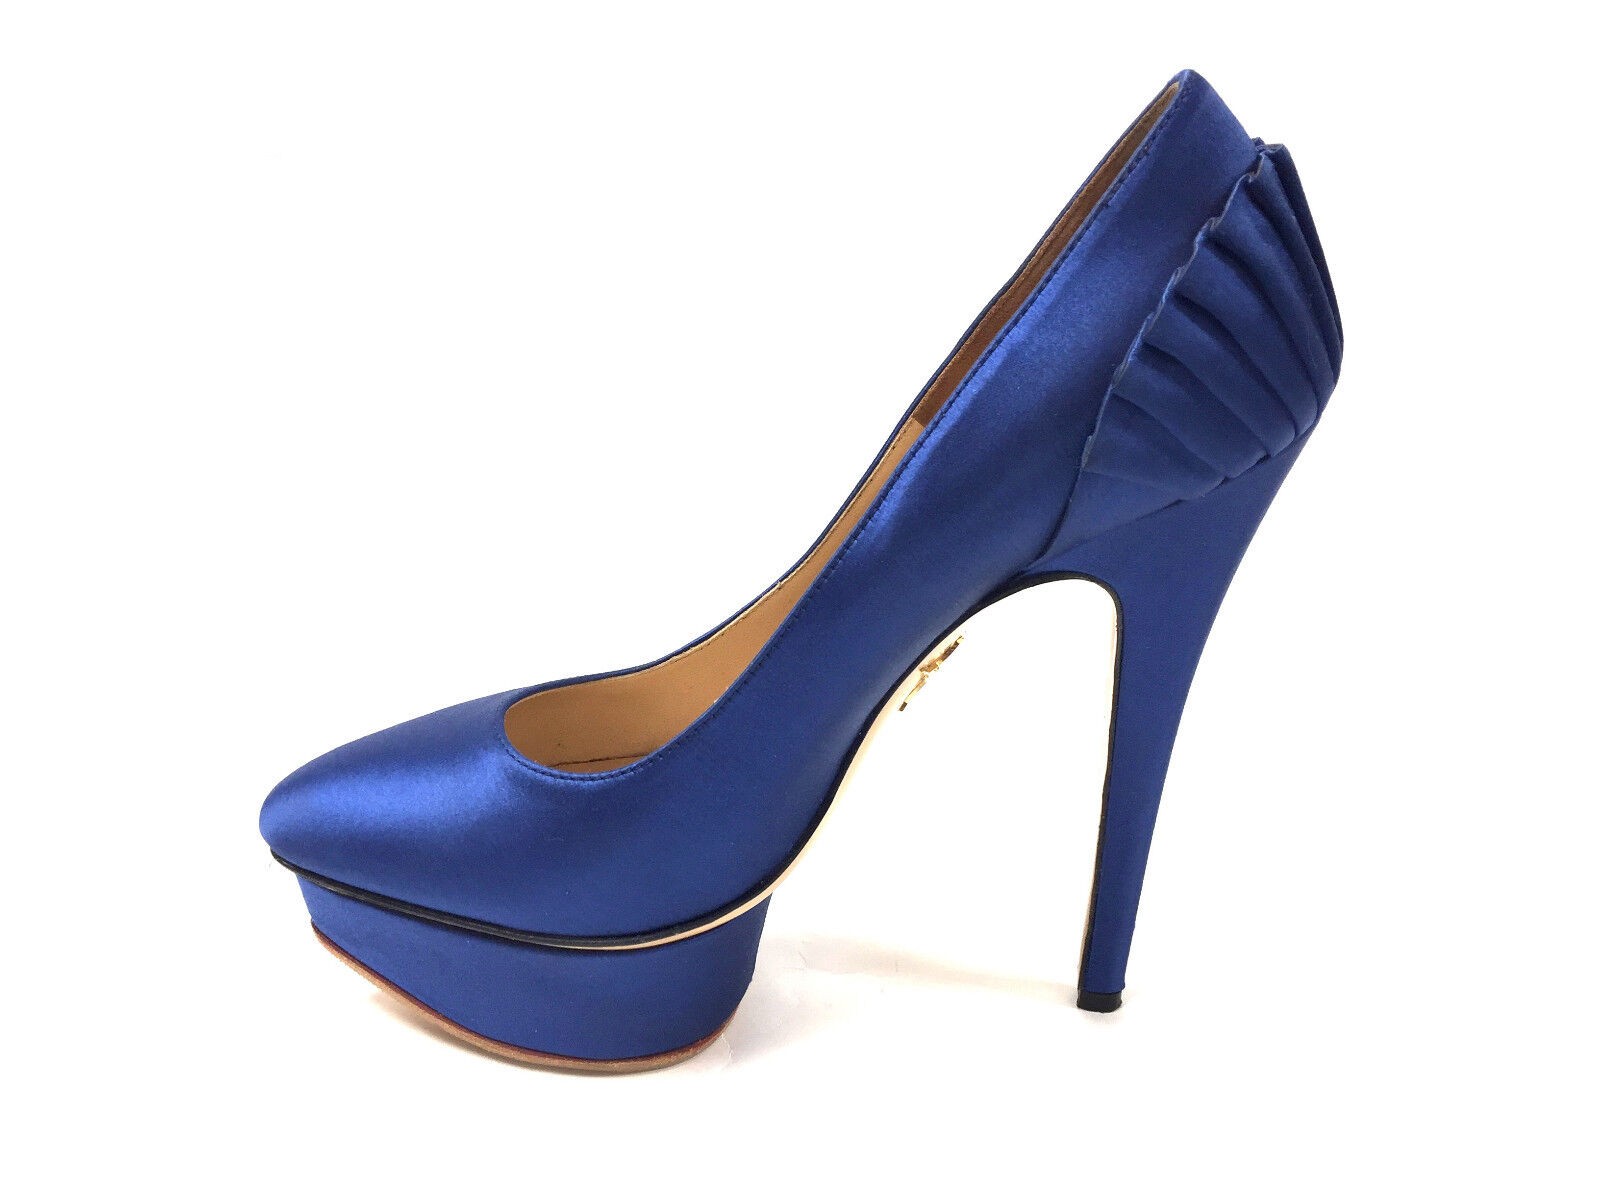 CHARLOTTE CHARLOTTE CHARLOTTE OLYMPIA Royal -blå Silk Stiletto Heel Platform Pumpar Sz37.5  online shopping och modebutik